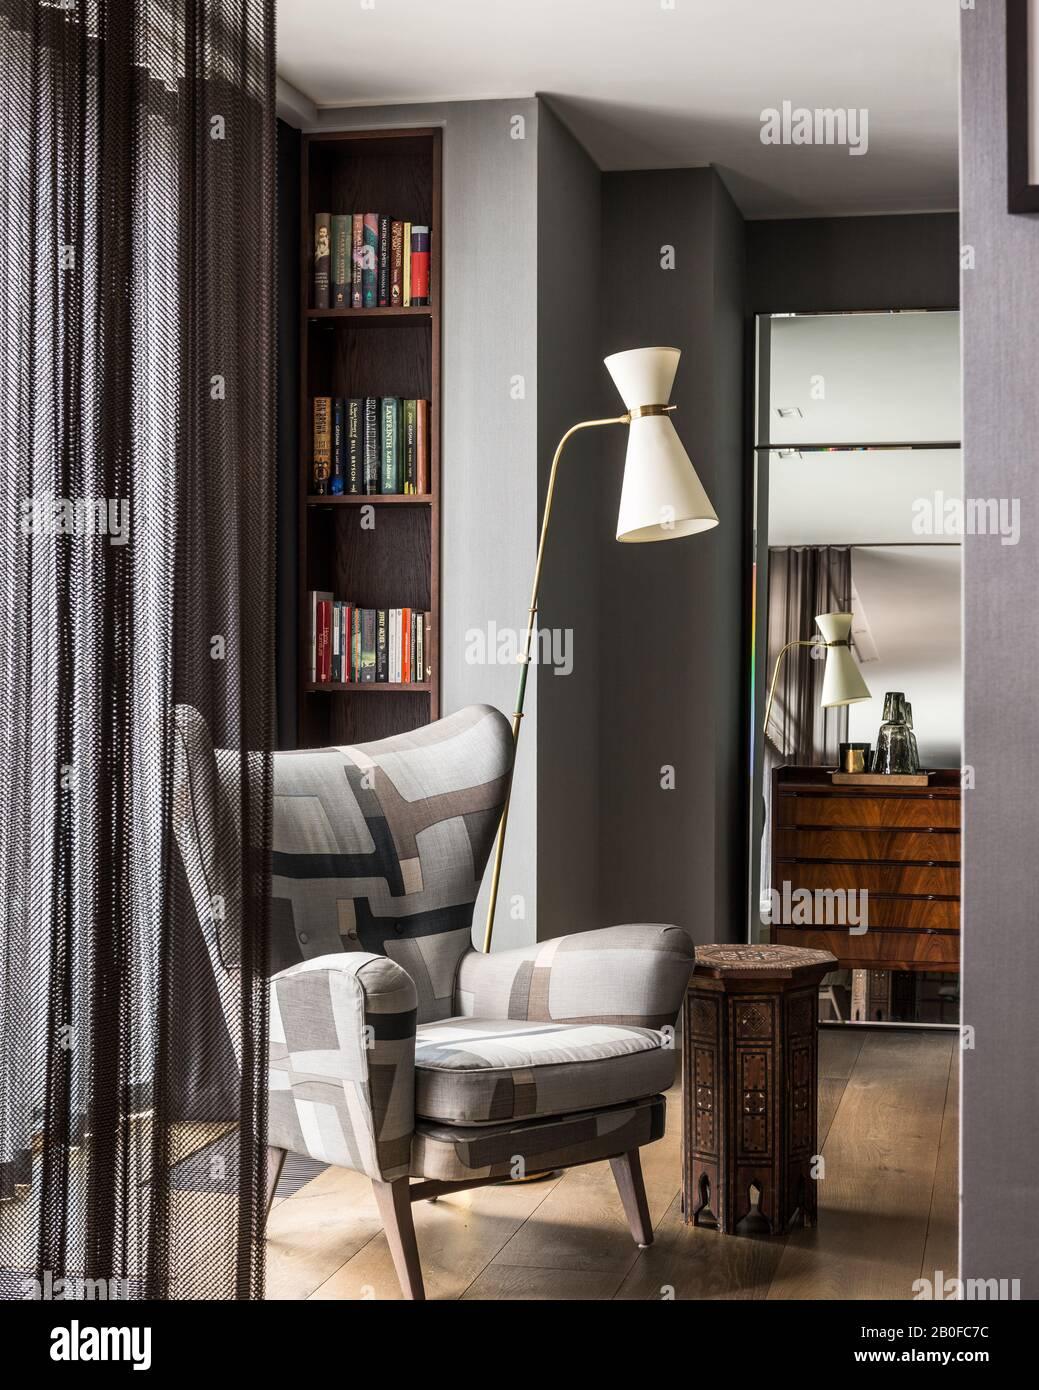 Lampe de plancher moderniste Diablo et fauteuil rembourré dans la chambre de l'appartement de West London Banque D'Images